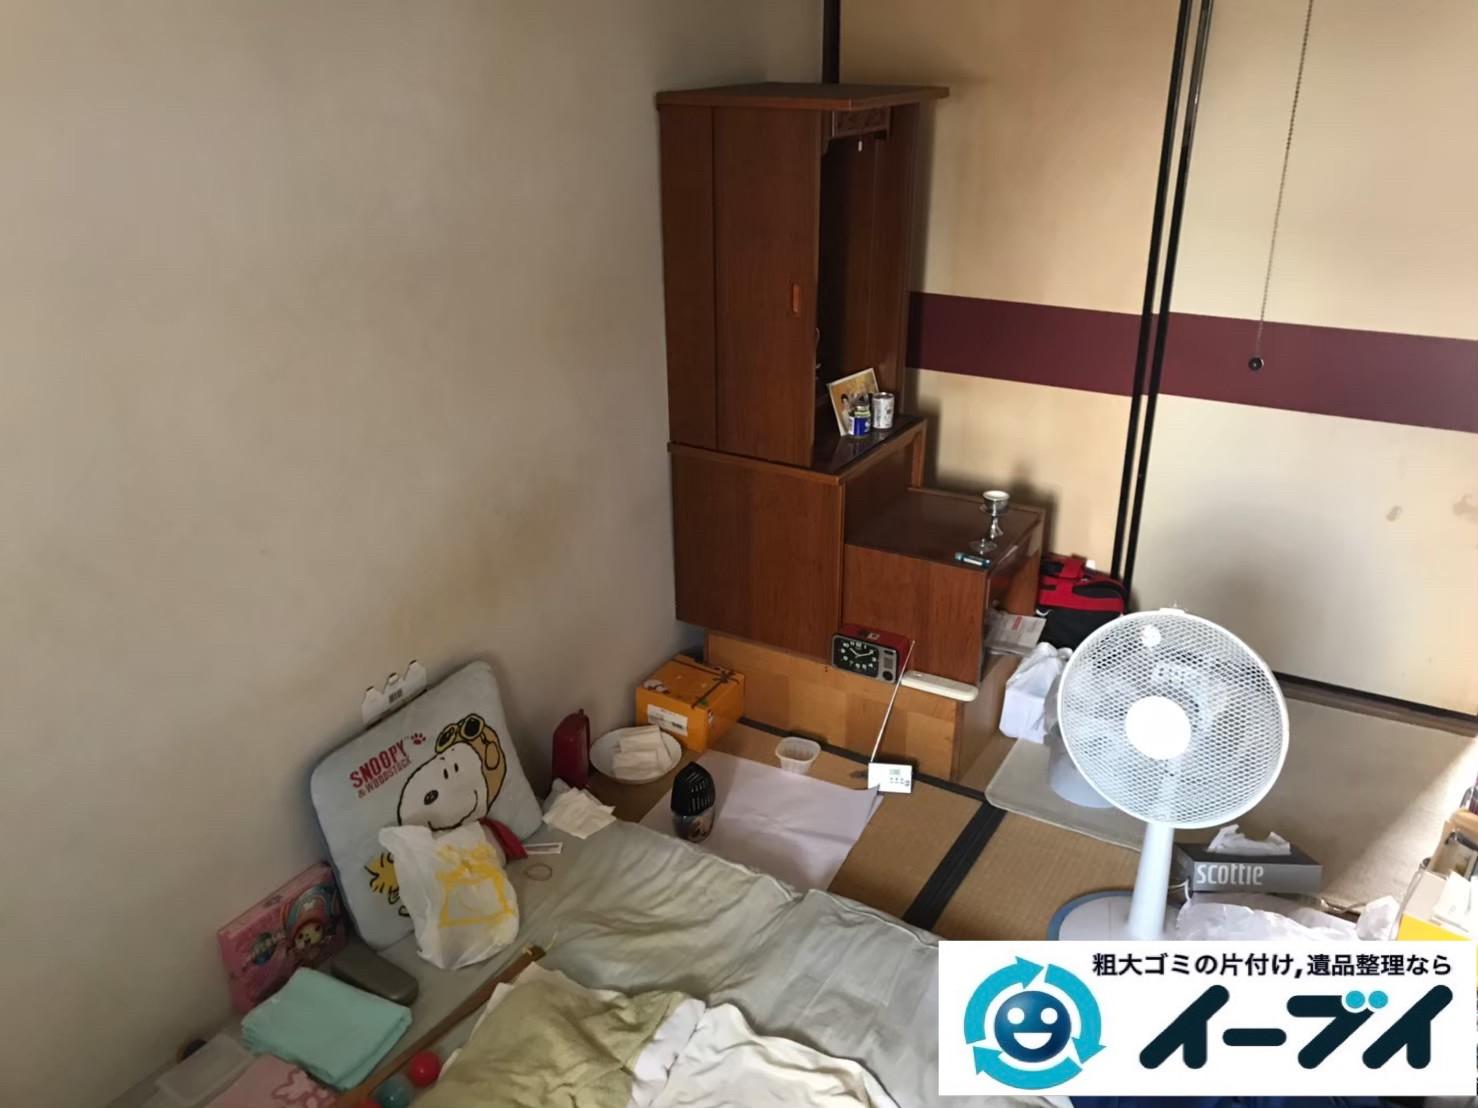 2020年6月16日大阪府茨木市で退去に伴い、マンションのワンルームのお部屋の不用品回収。写真3